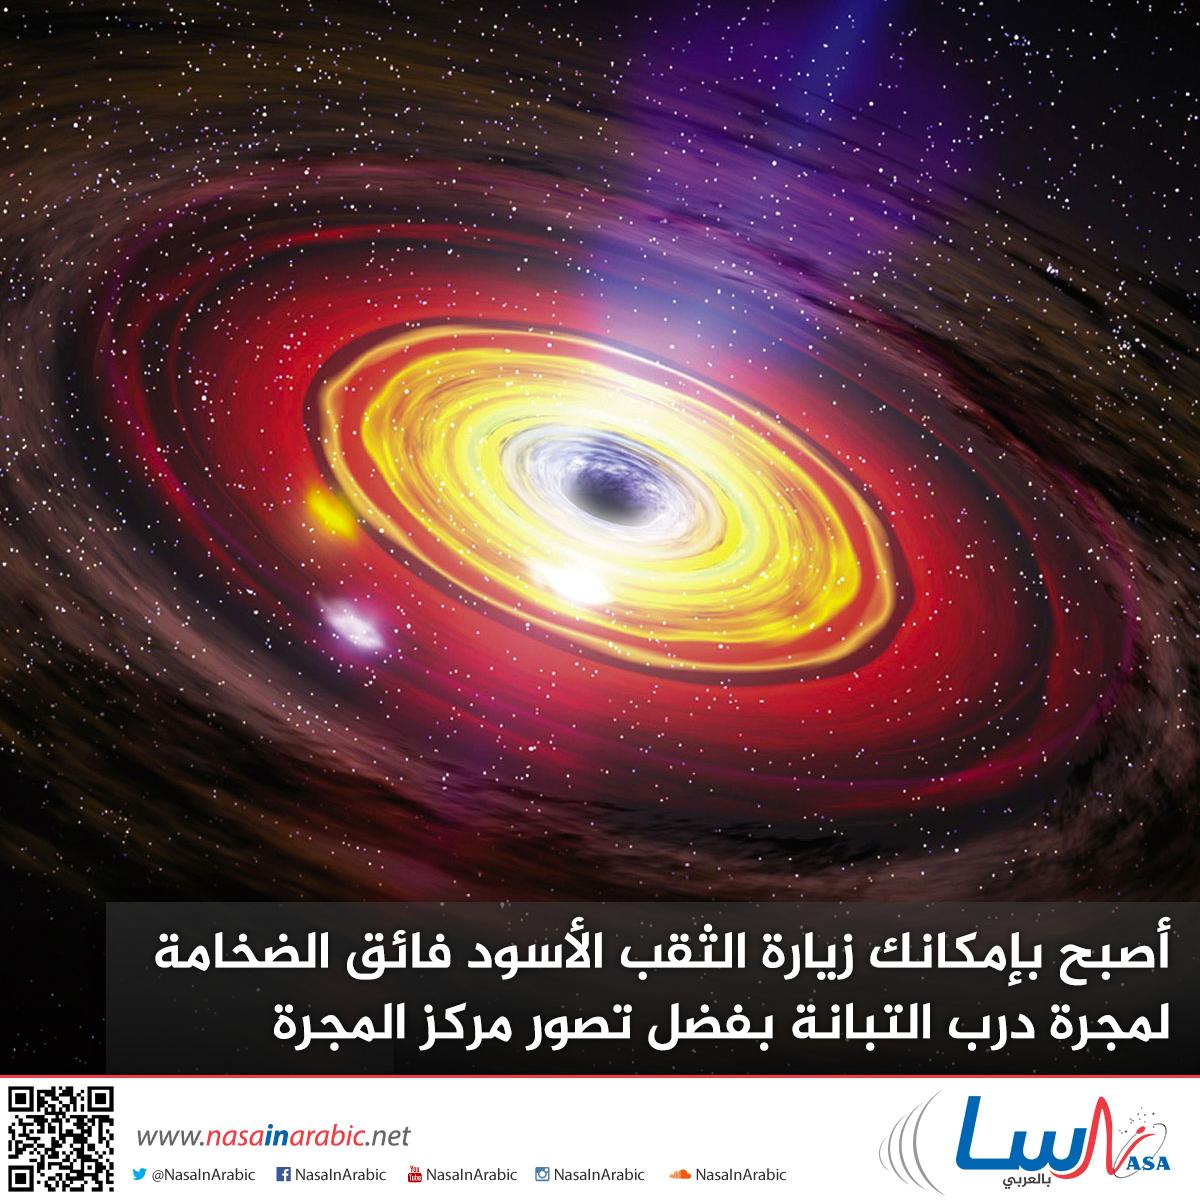 أصبح بإمكانك زيارة الثقب الأسود فائق الضخامة لمجرة درب التبانة بفضل تصور مركز المجرة الافتراضي